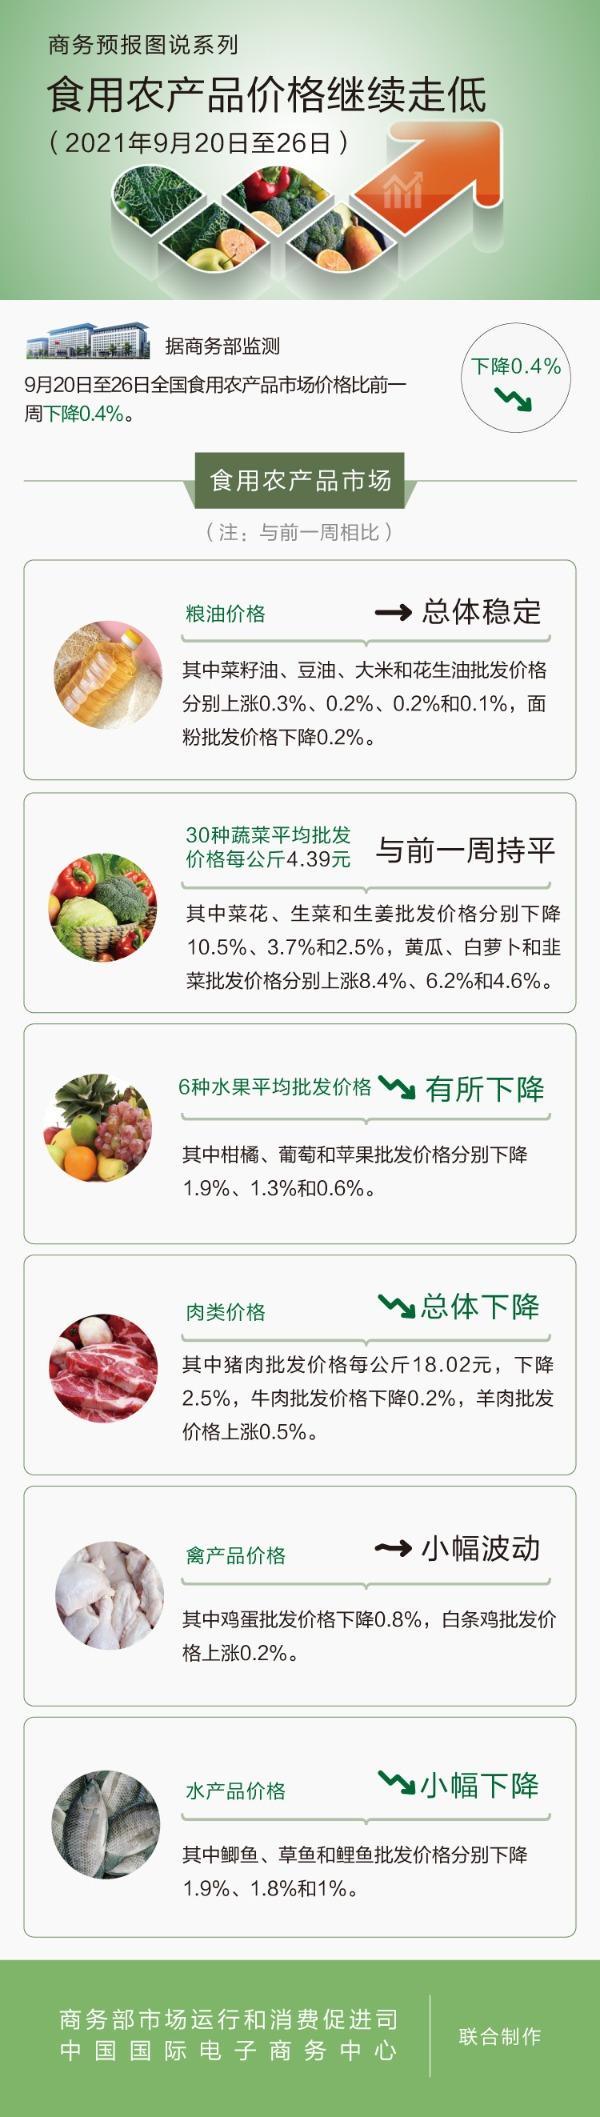 千里马免费计划app _商务部:9月20日至26日食用农产品价格继续走低